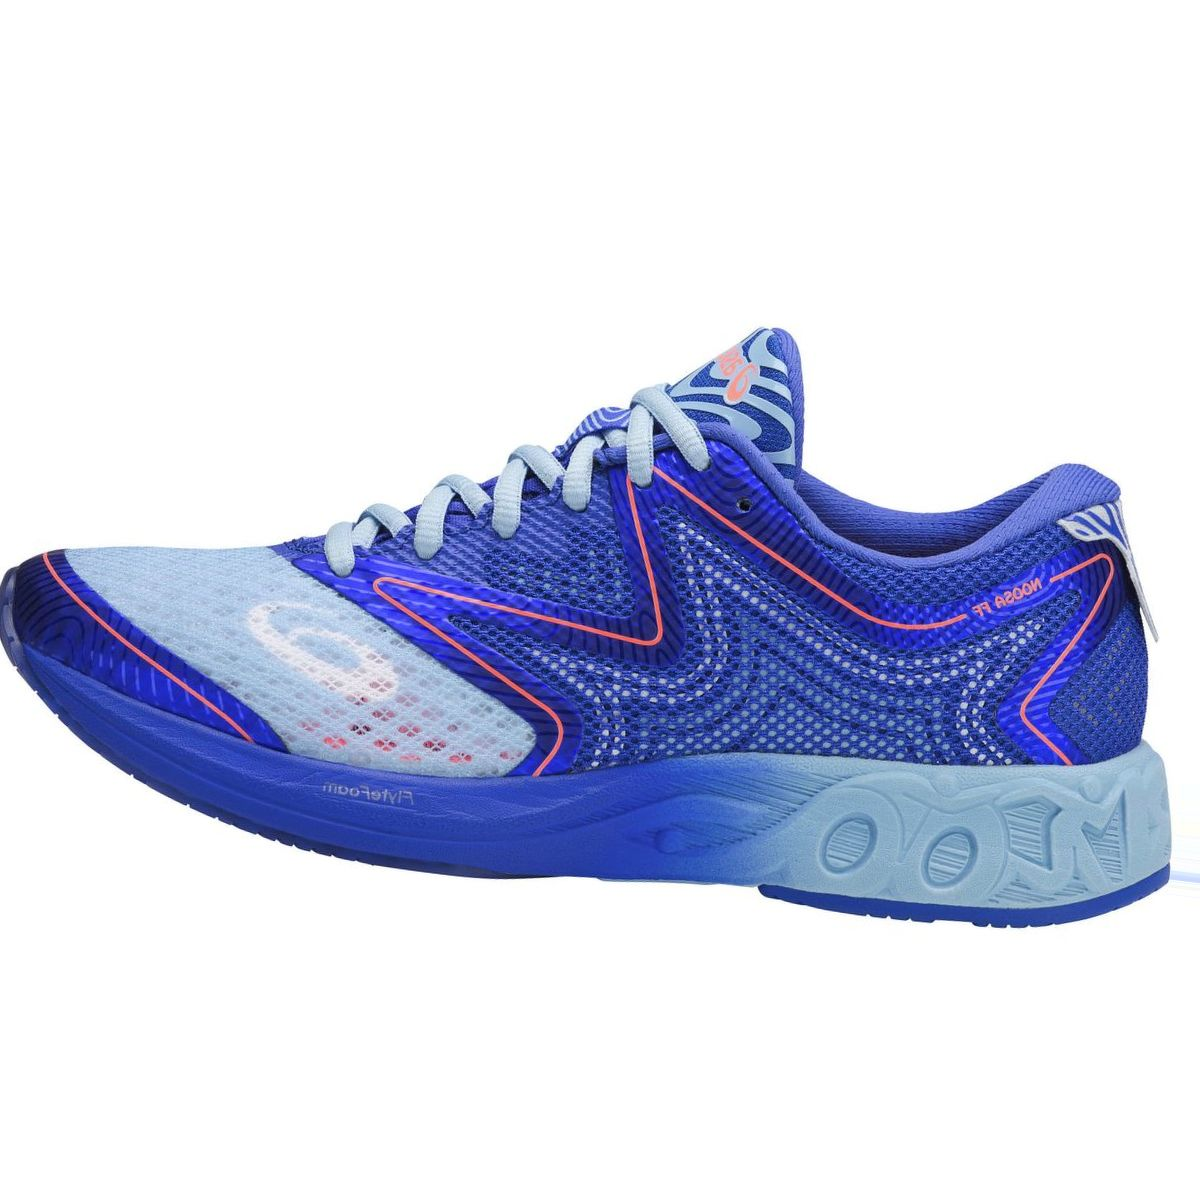 Asics Noosa FF Running Shoe - Women's